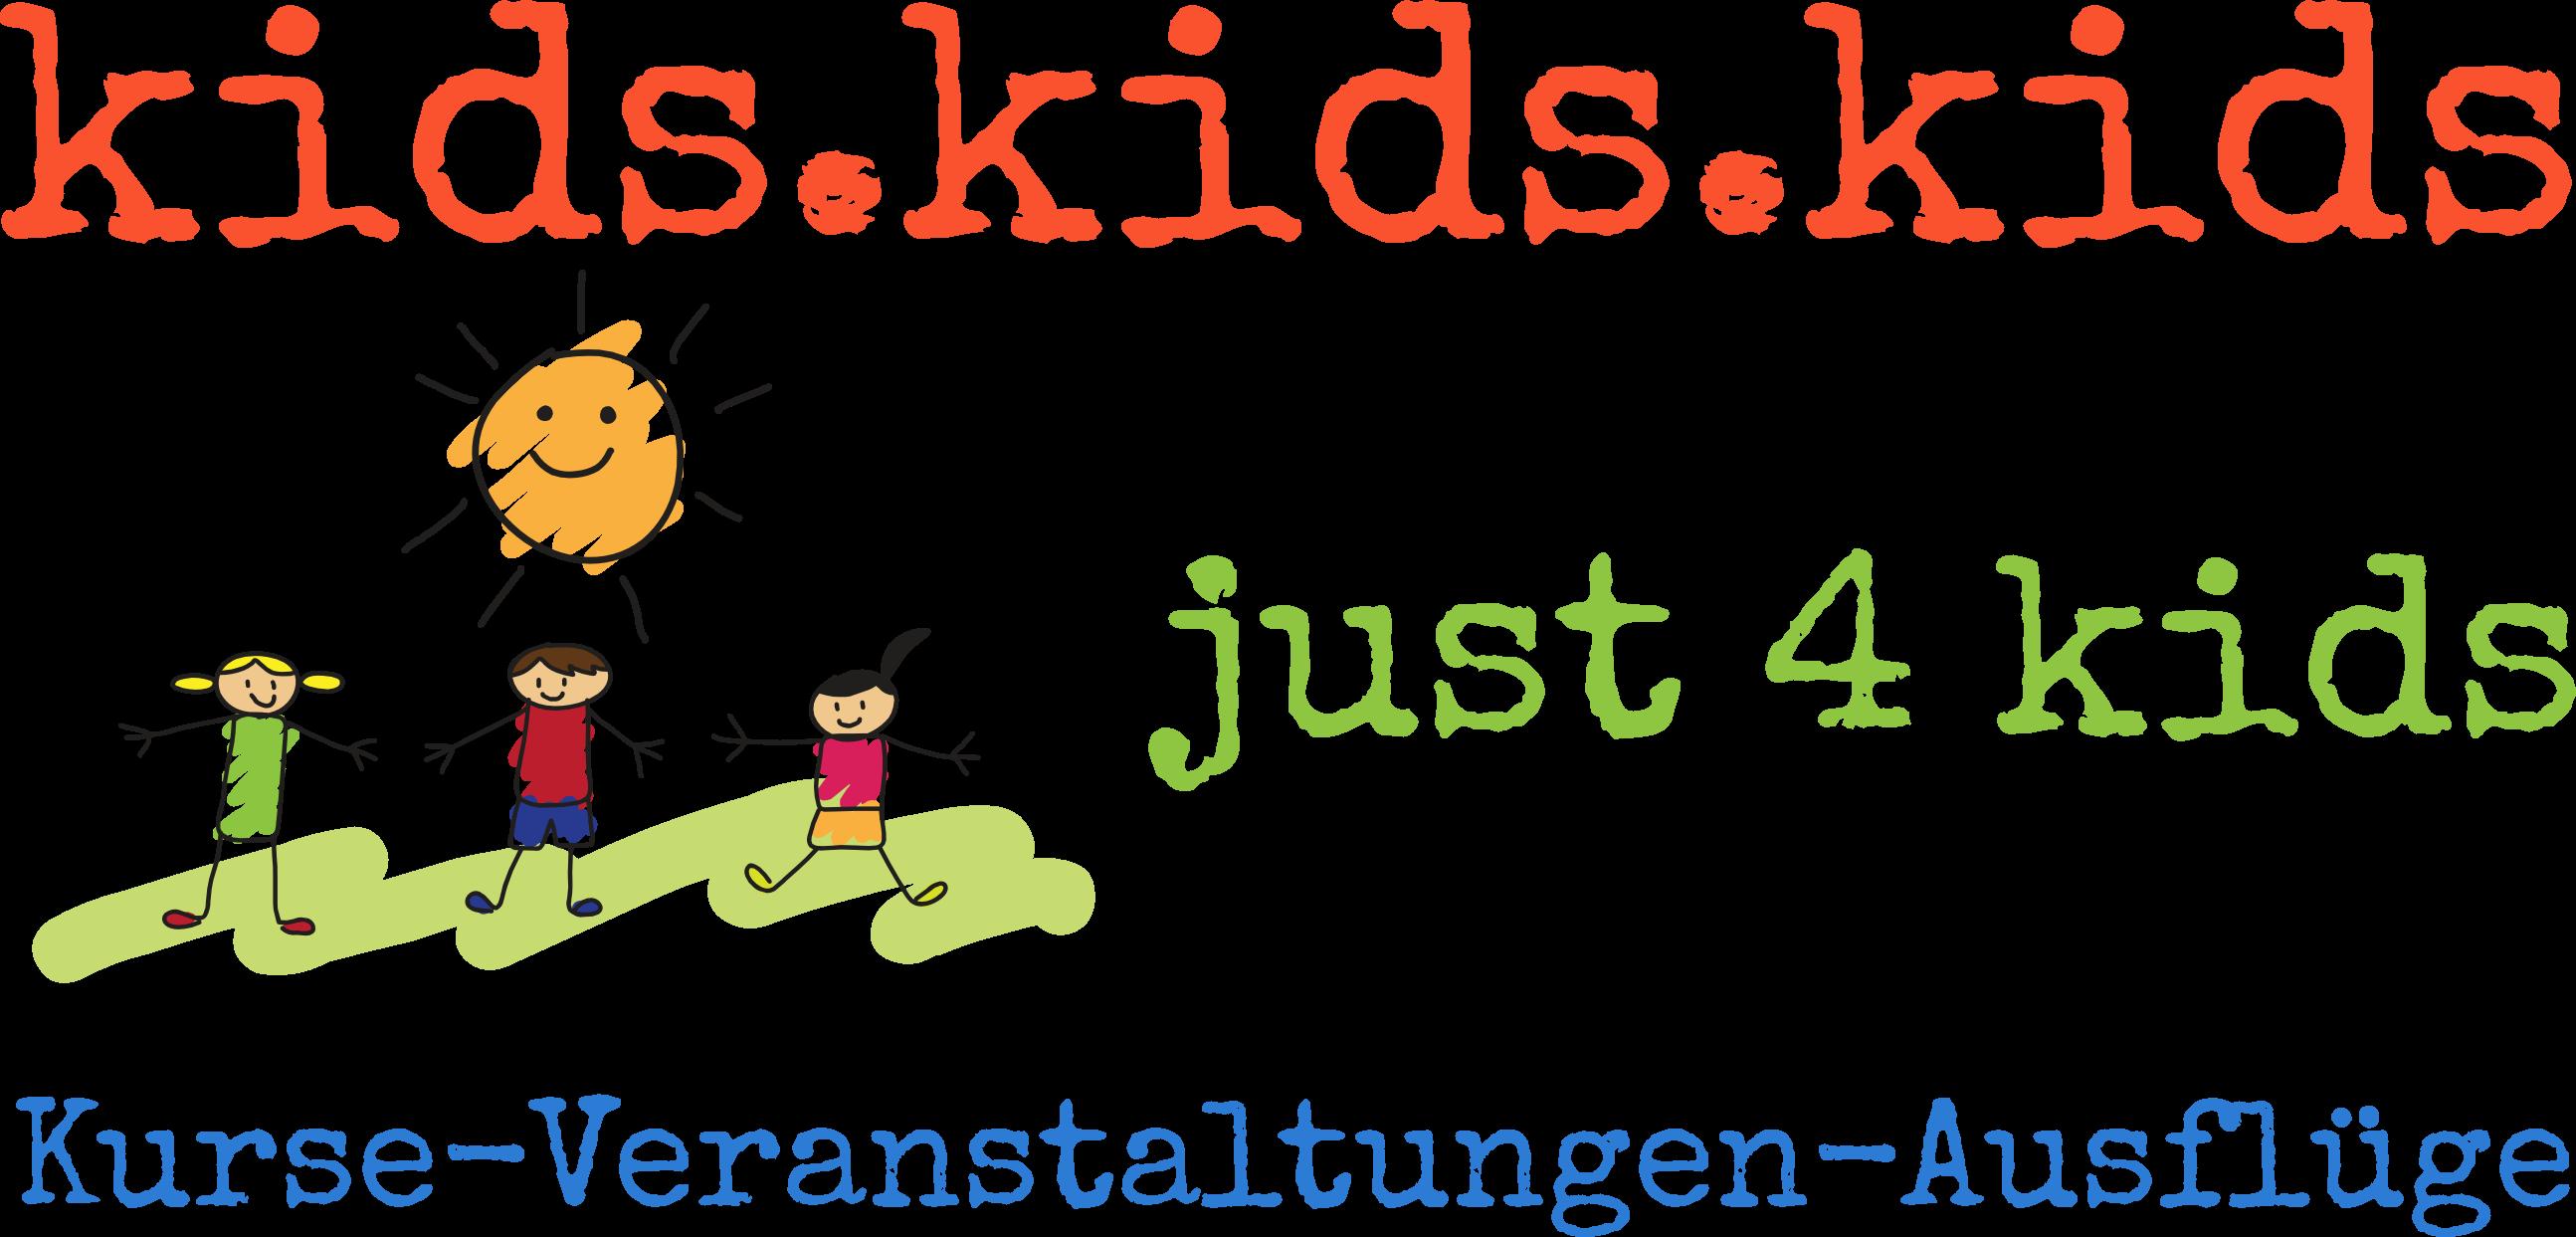 kids.kids.kids – just4kids